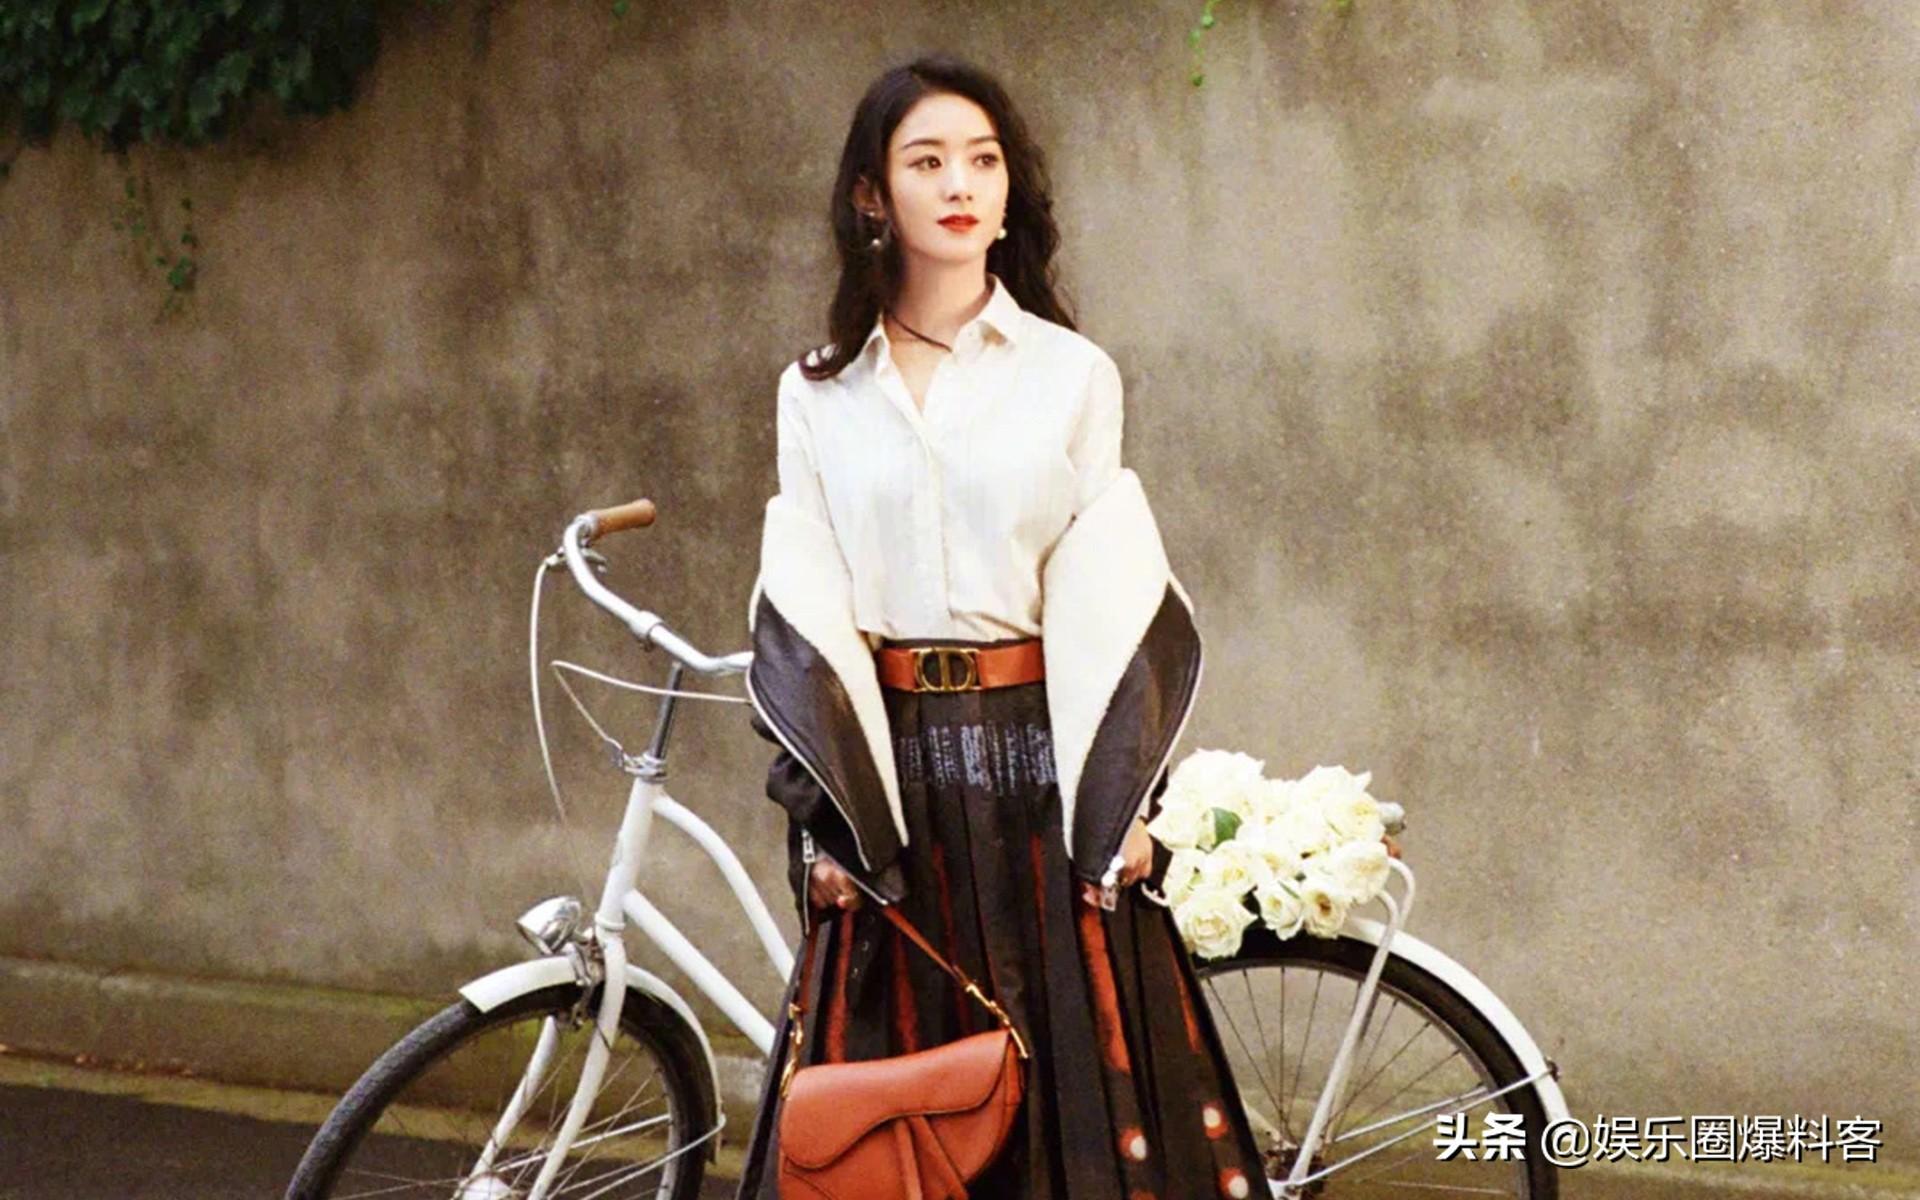 湖南卫视双十一晚会2020(分享2020双十一娱乐爆料详情)